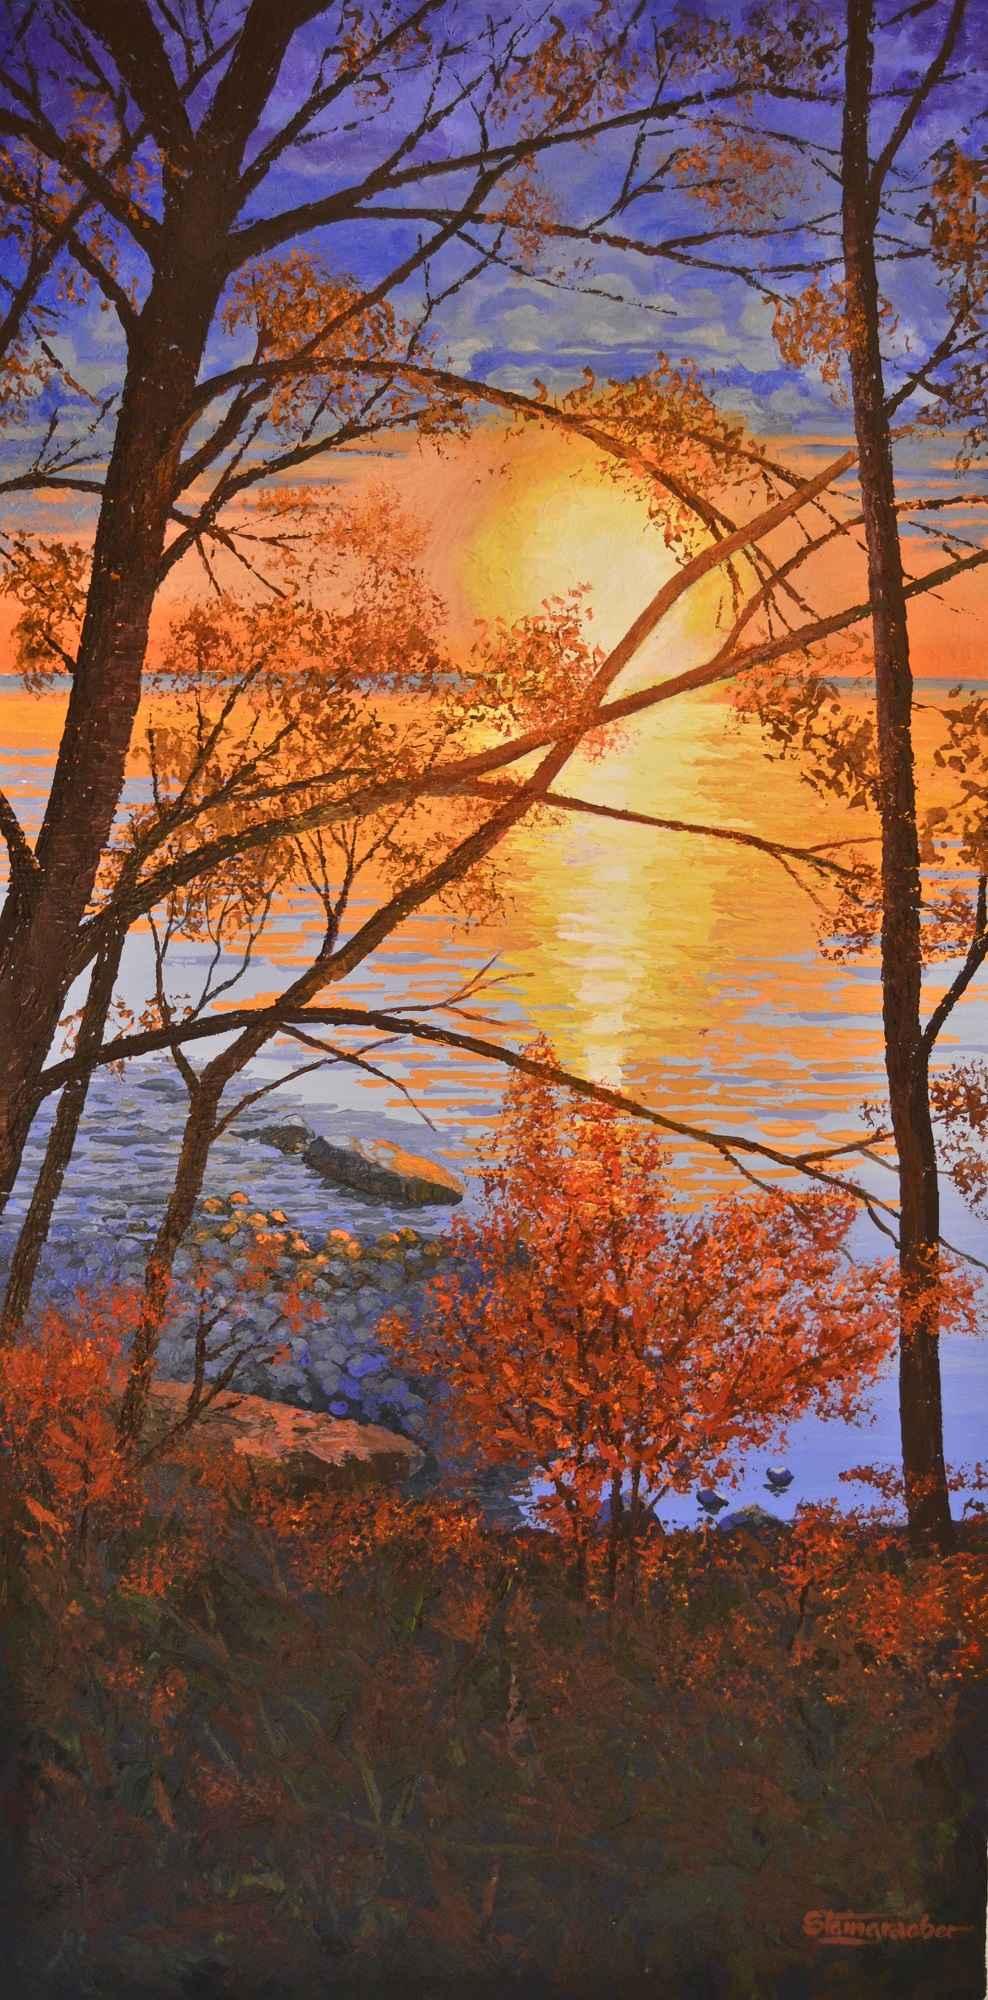 Sunrise Serenade by Mr. Jerry Steingraeber - Masterpiece Online